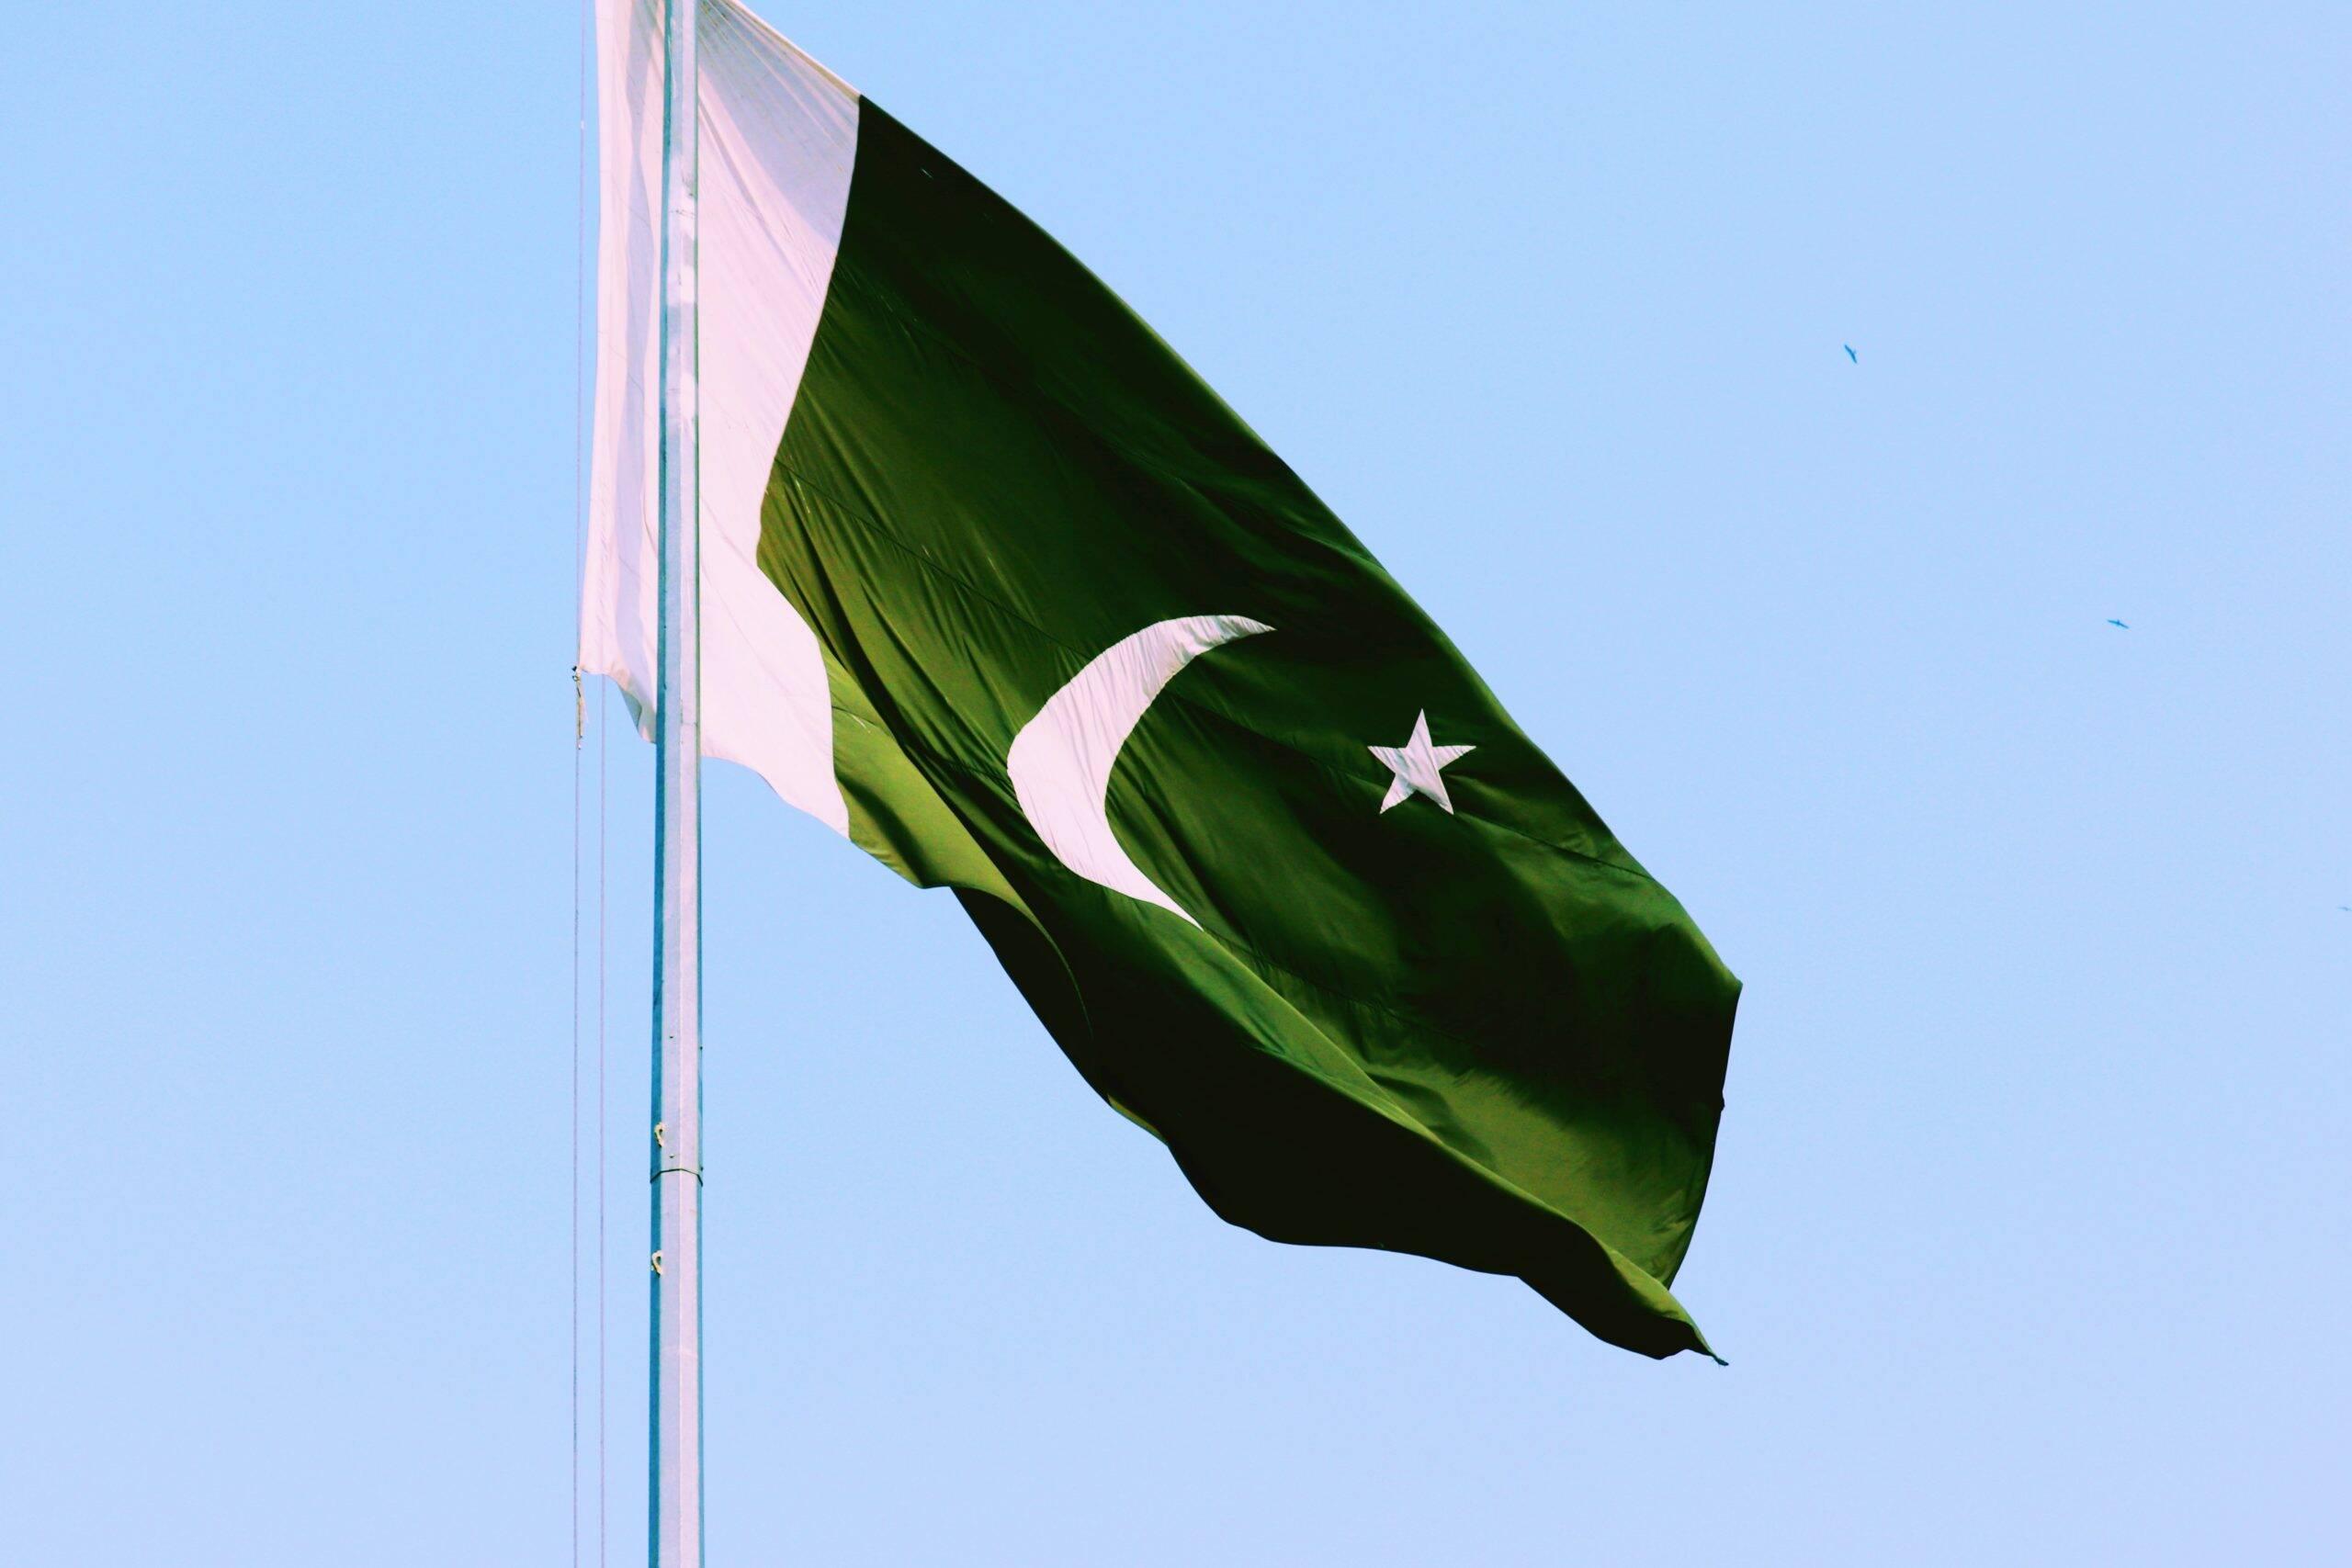 Paquistão, o quinto país mais populoso do mundo, está na 16° posição da lista. (Foto: Unsplash)